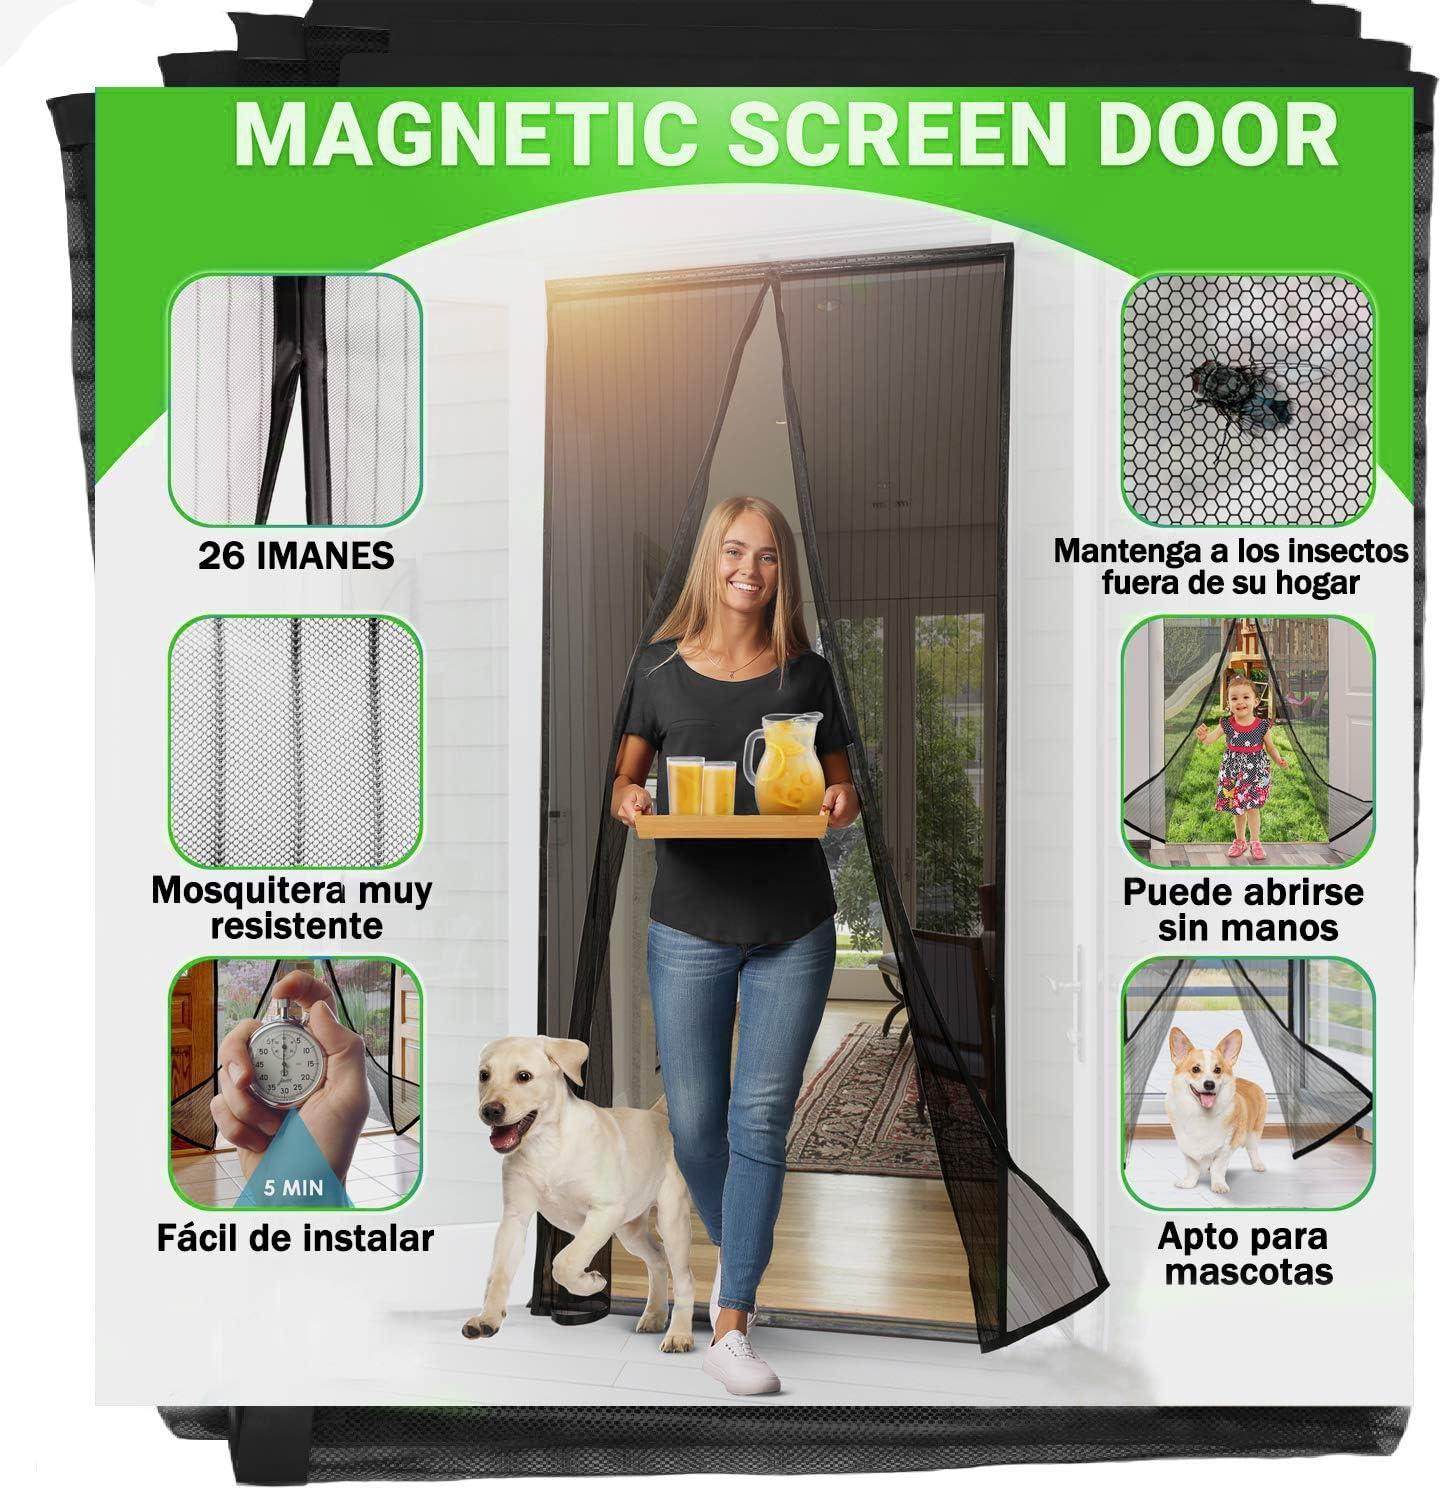 Jellas Mosquitera Magnética - Se Adapta a Puertas de hasta 90 x 210CM, Totalmente Magnética, se Cierra Sola, Evita que los Insectos Entren - Para Puertas Cortina de Sala de Estar